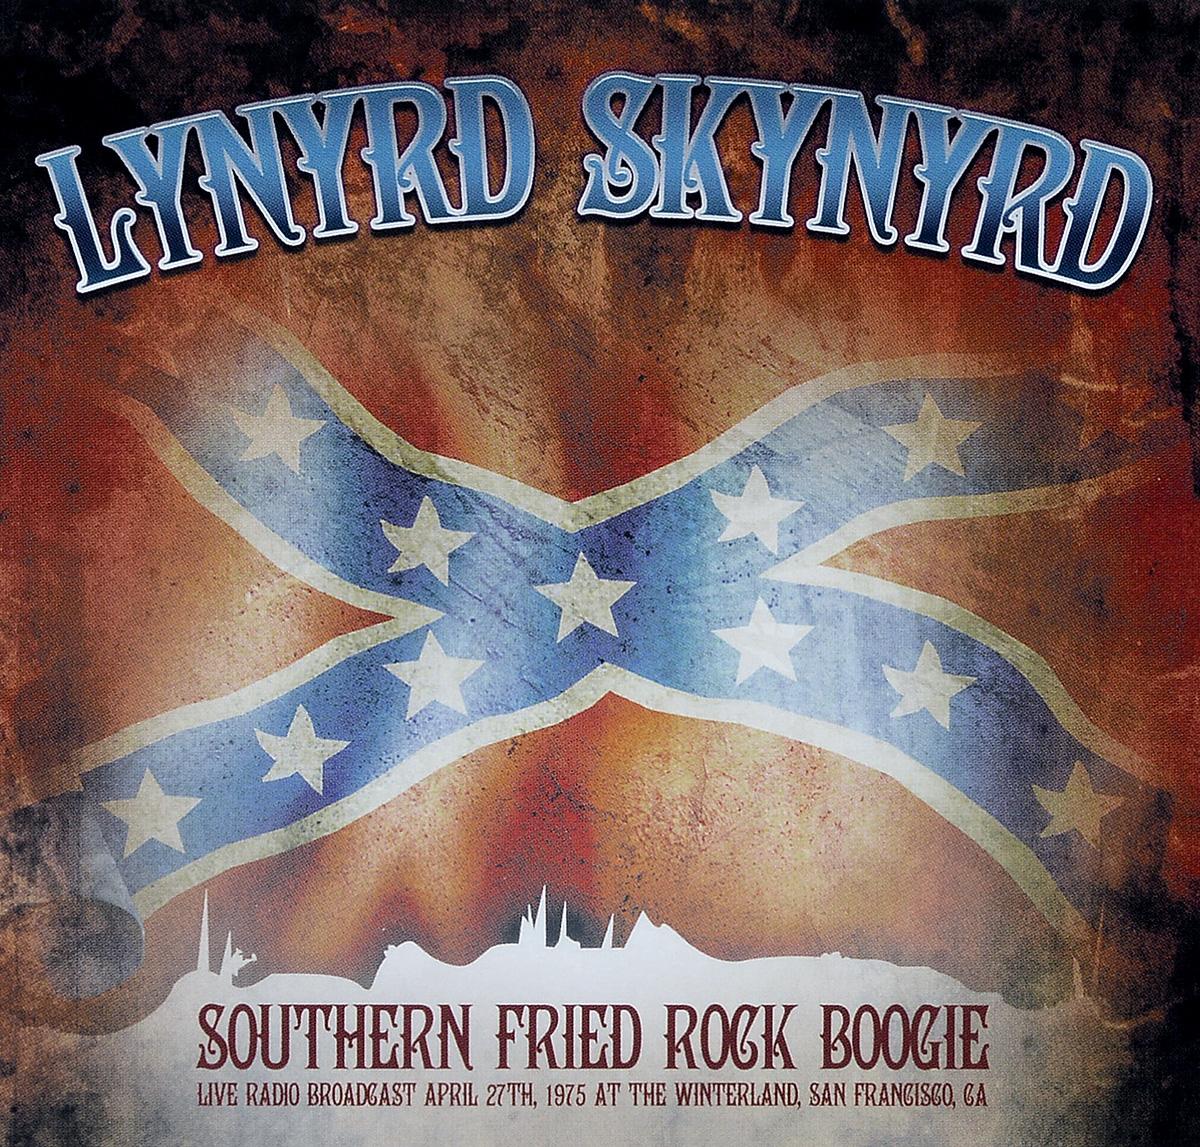 Lynyrd Skynyrd Lynyrd Skynyrd. Southern Fried Rock Boogie lynyrd skynyrd lynyrd skynyrd lynyrd skynyrd 7 lp